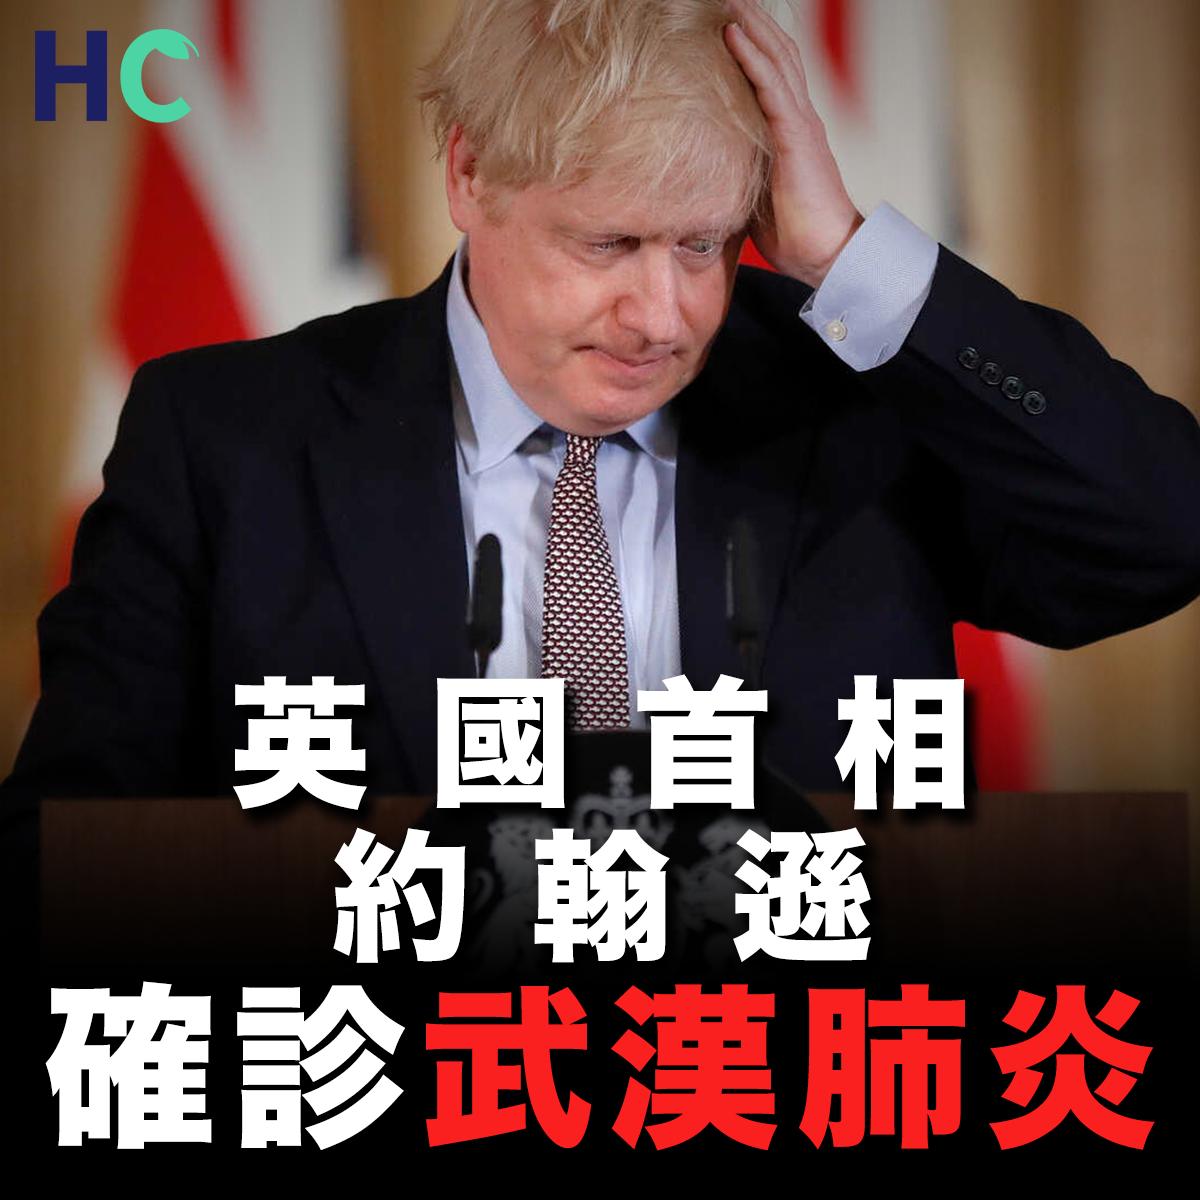 【#武漢肺炎】 英國首相約翰遜確診武漢肺炎